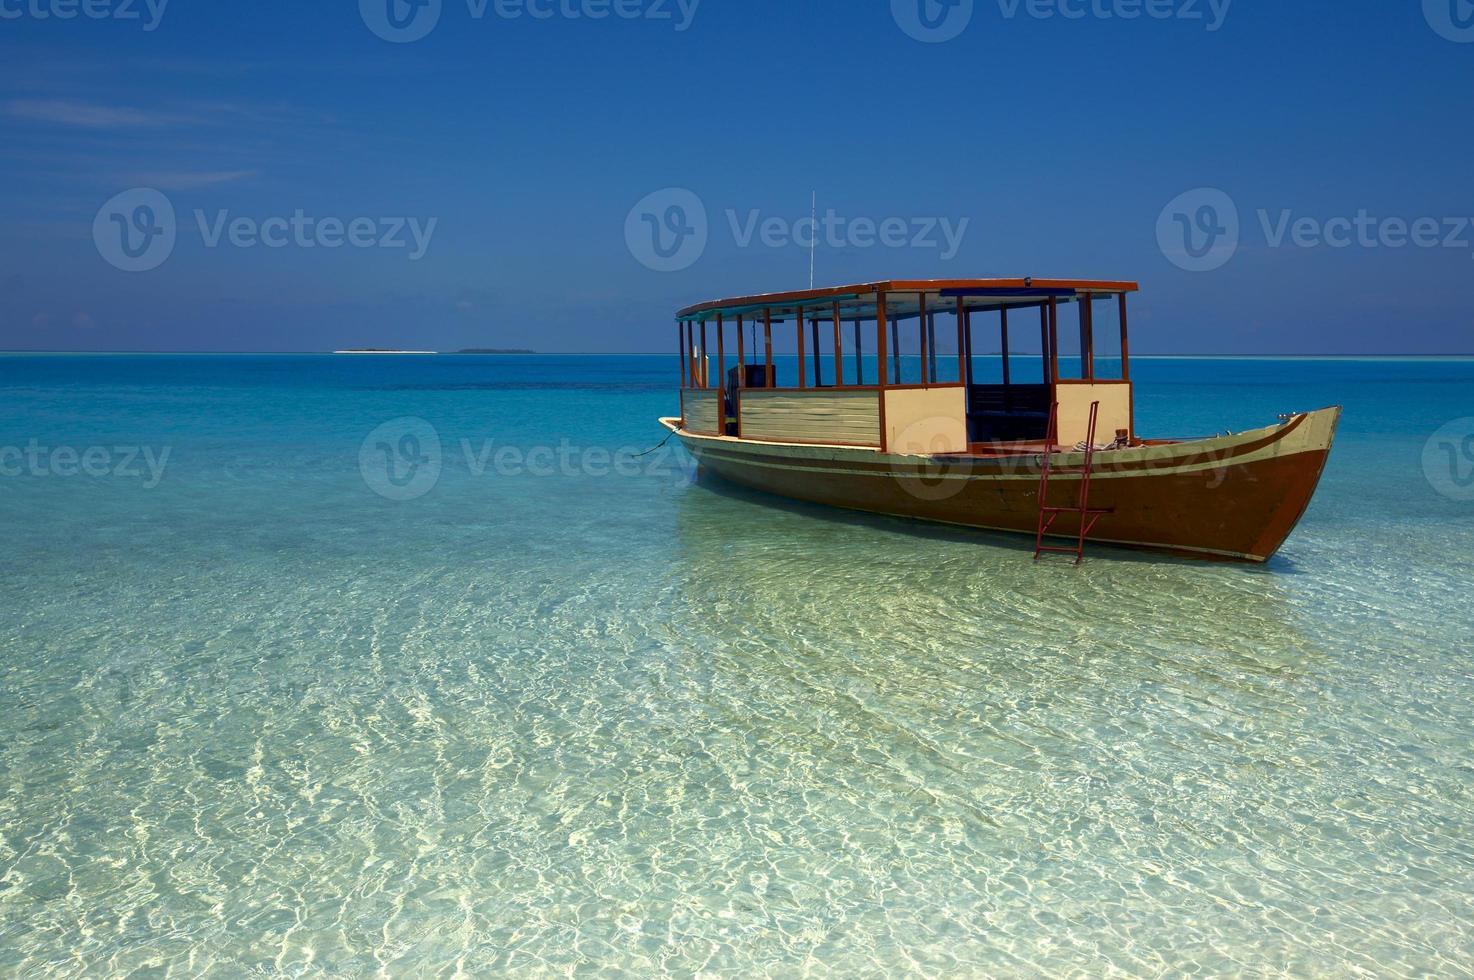 el barco está cerca de una costa foto